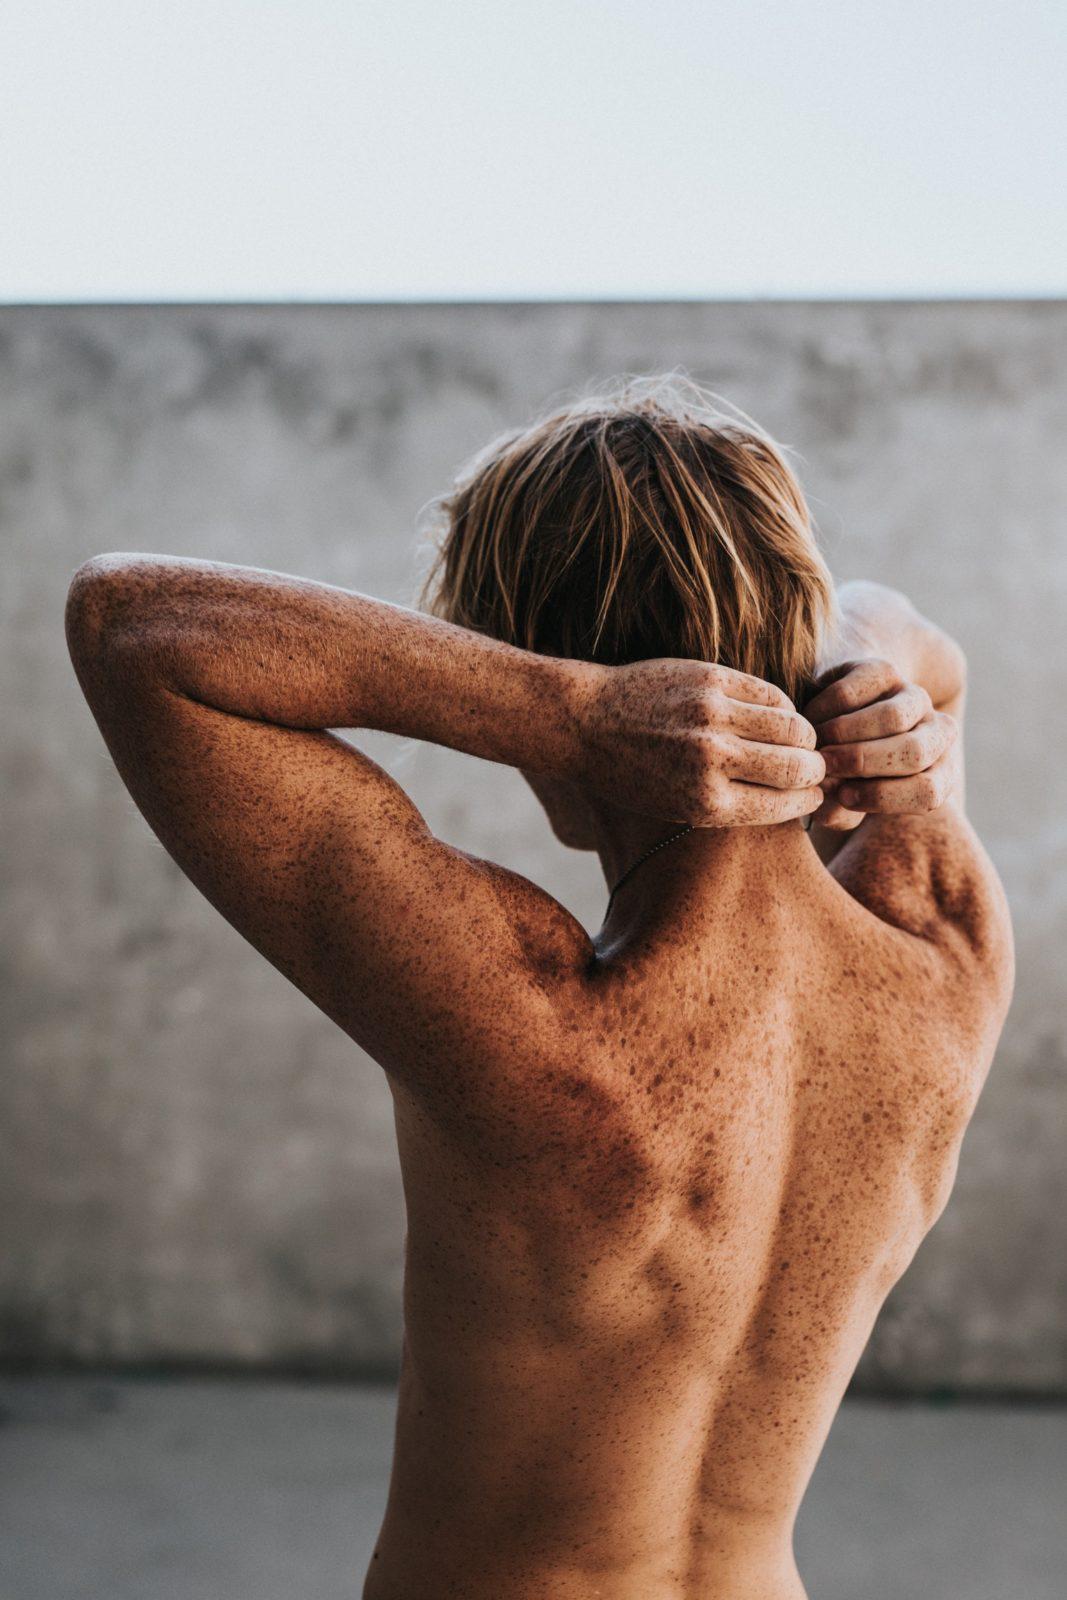 Эффективный старт: как начать заниматься спортом дома с нуля